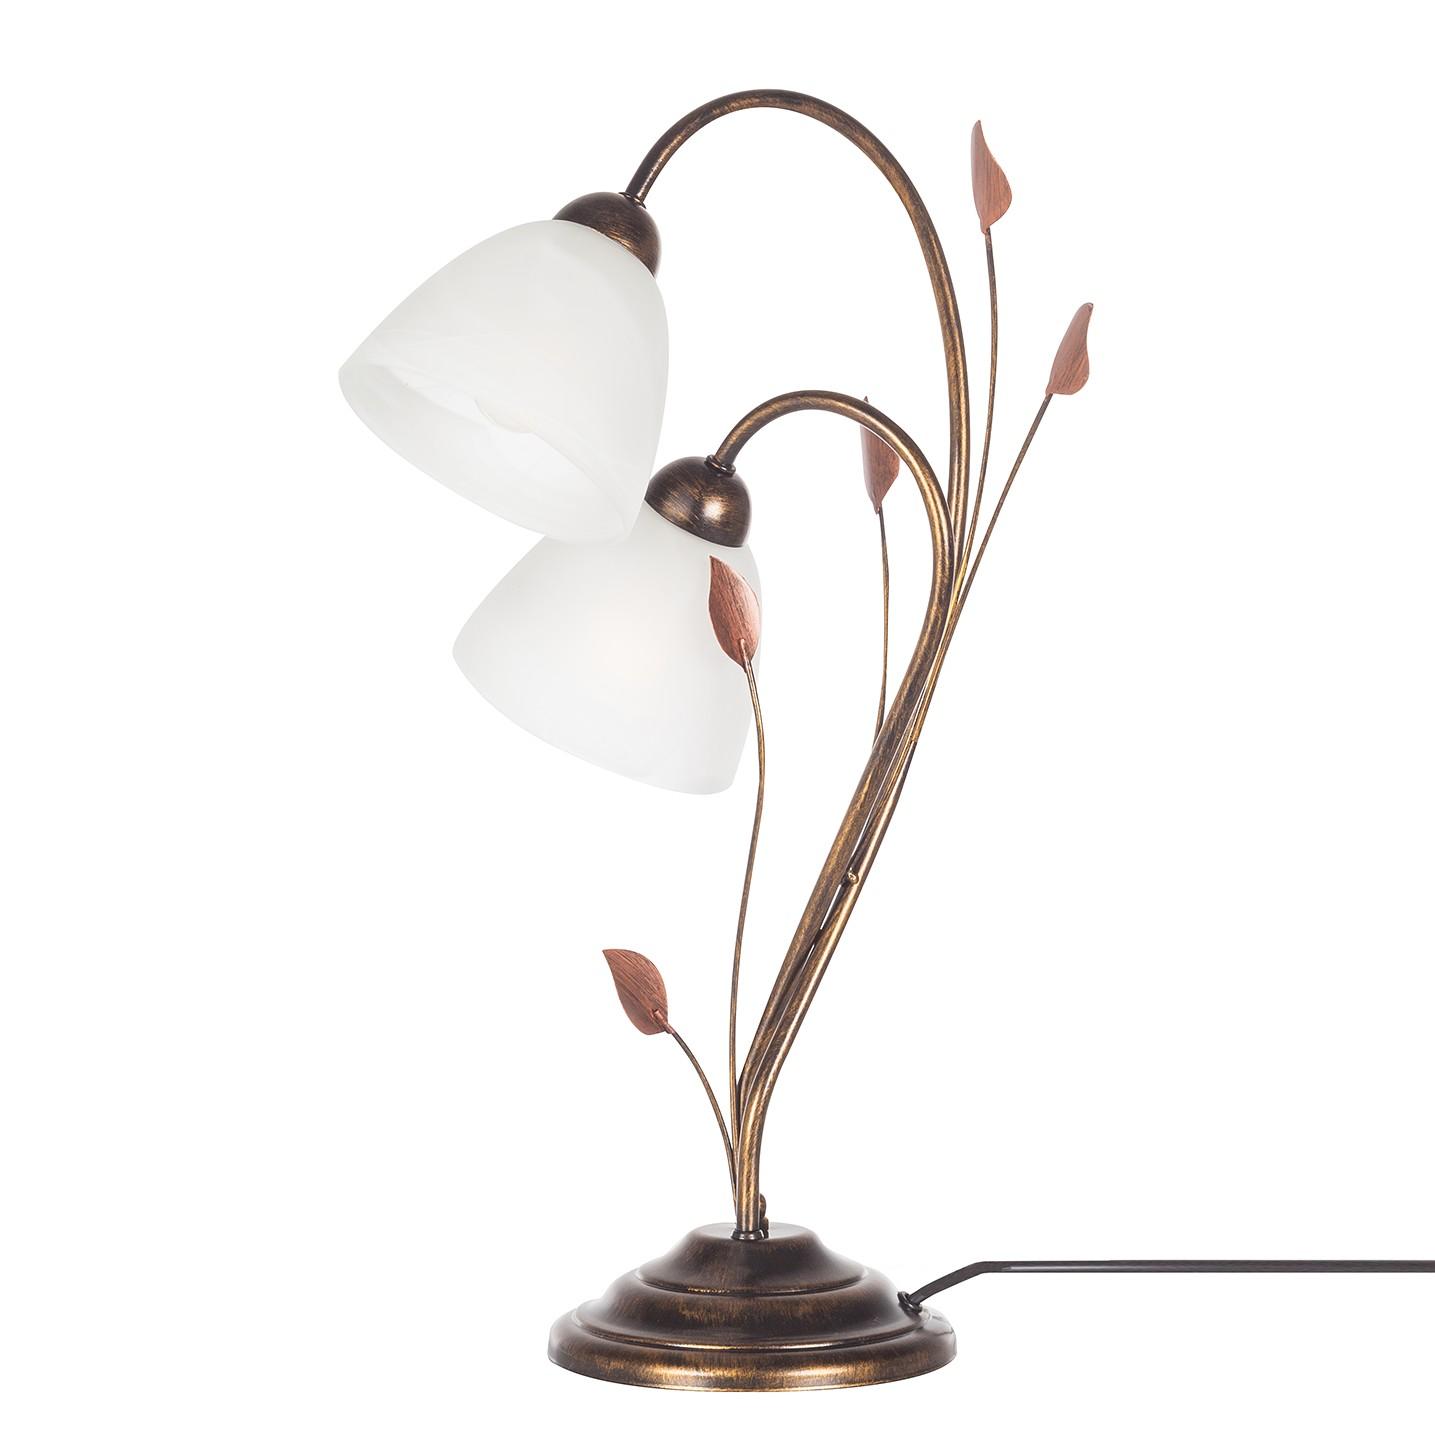 EEK A++, Lampe de table - Métal / Verre Noir 2 ampoules, Lampadina